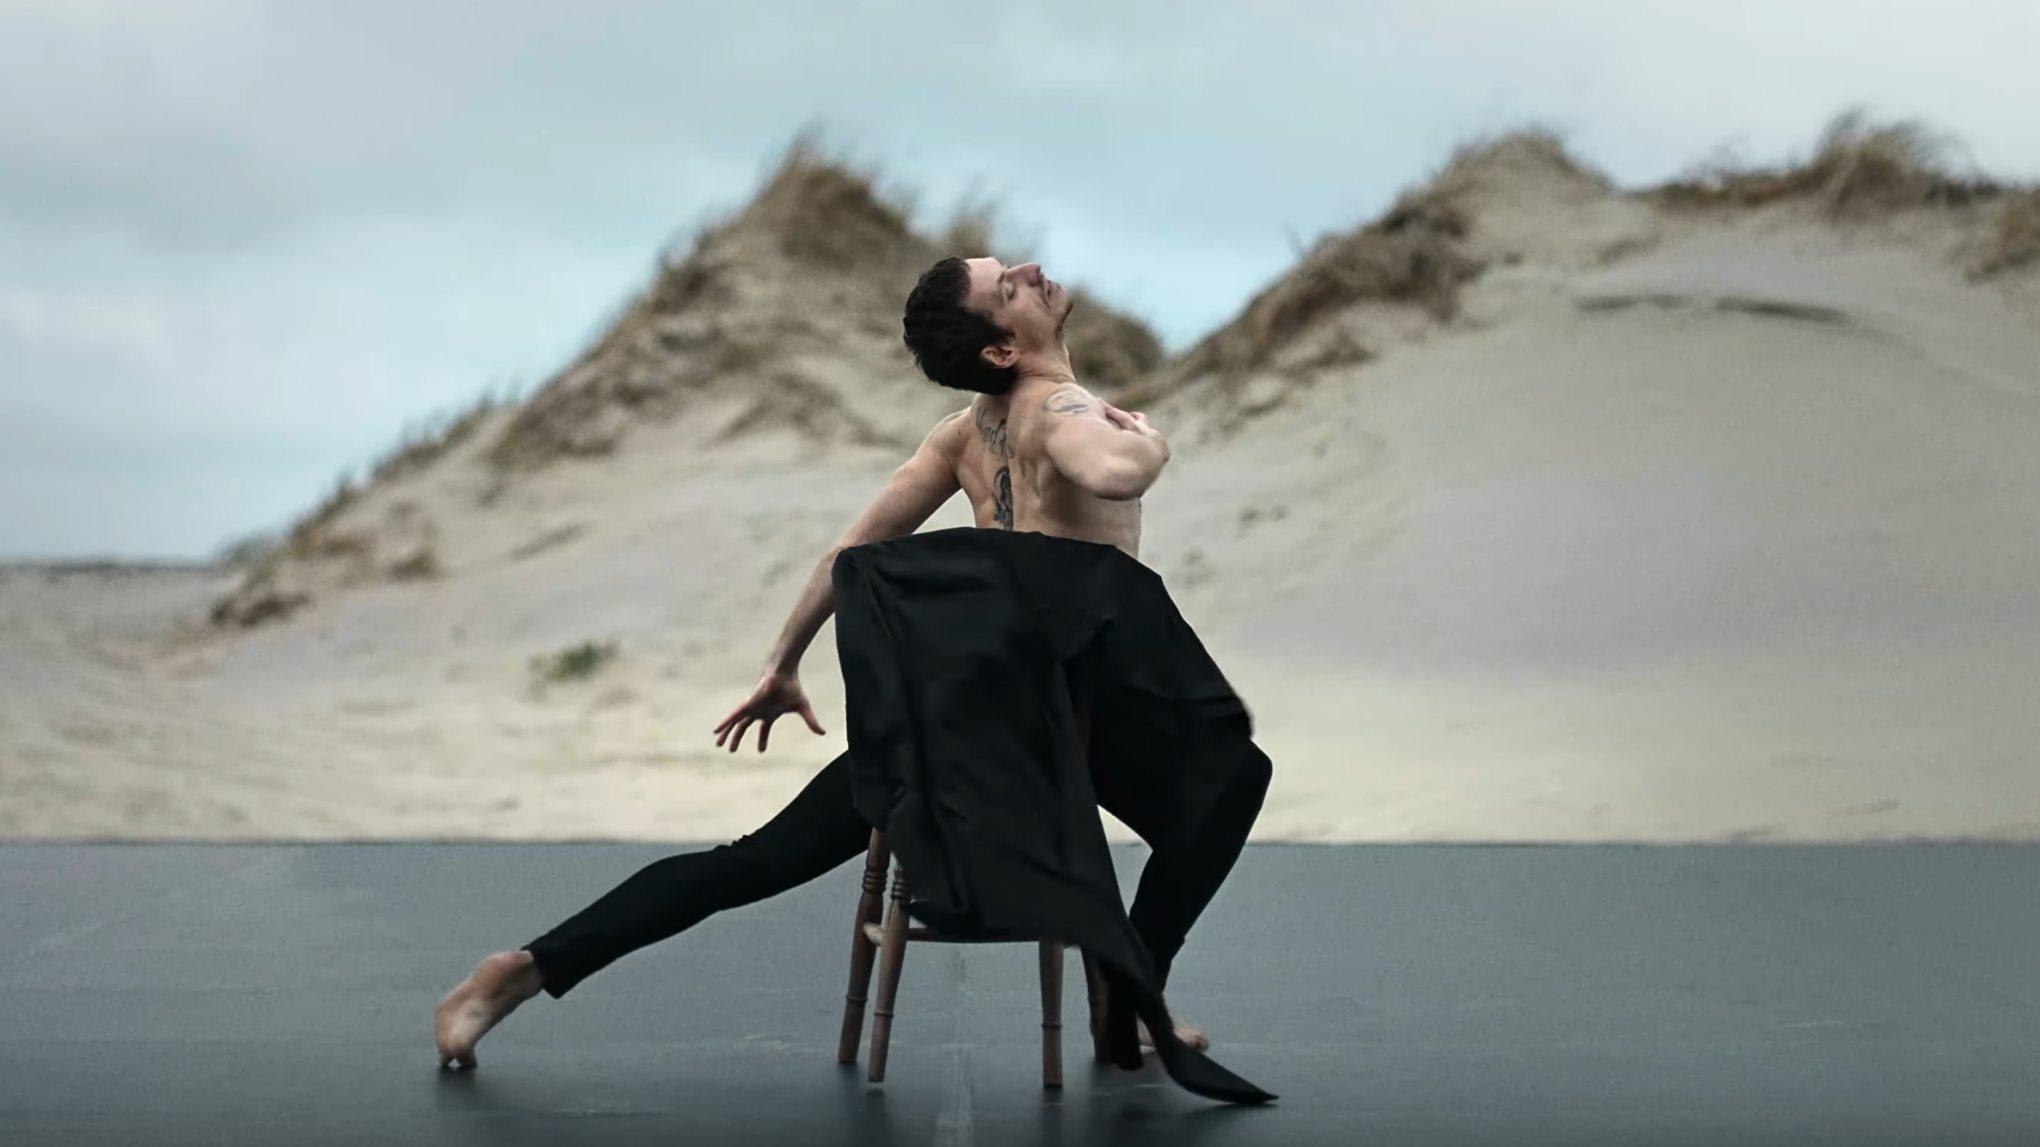 Сергей Полунин станцевал под In Your Room группы Depeche Mode